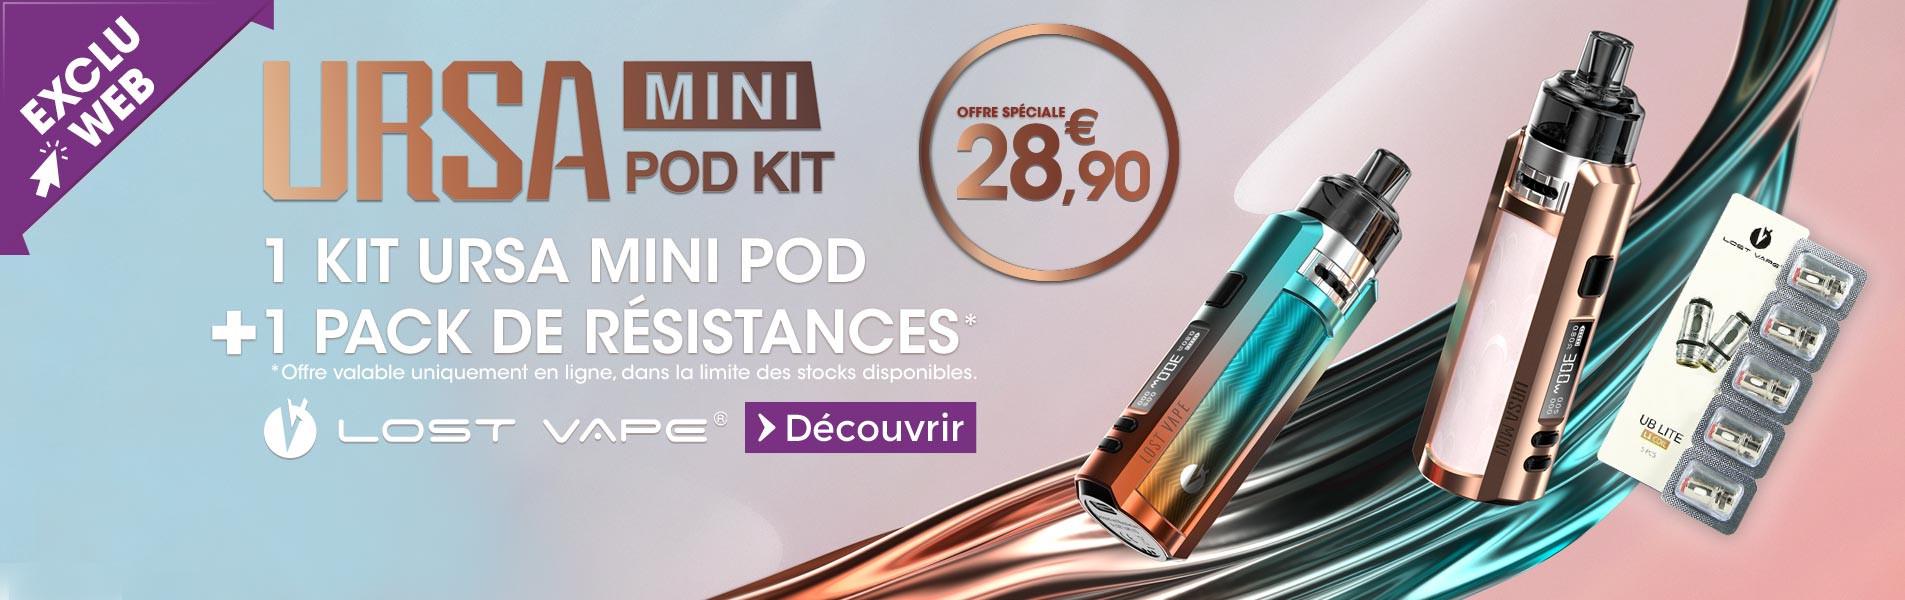 Kit Ursa Mini Pod : Petit, léger et design